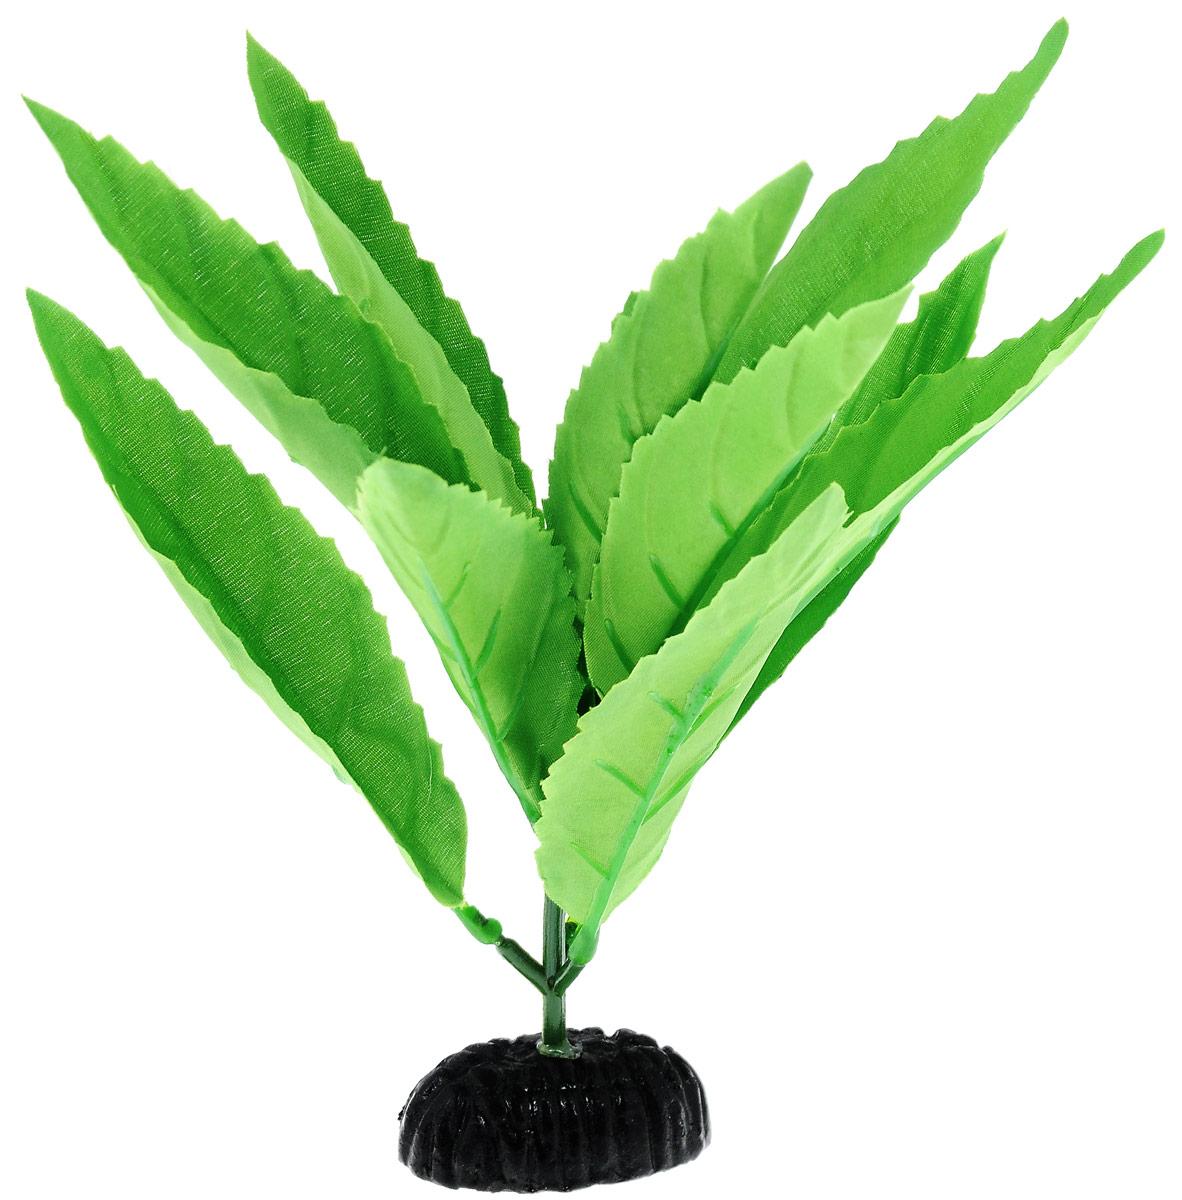 Растение для аквариума Barbus Гигрофила, шелковое, высота 20 см0120710Растение для аквариума Barbus Гигрофила, выполненное из высококачественного нетоксичного пластика и шелка, станет прекрасным украшением вашего аквариума. Шелковое растение идеально подходит для дизайна всех видов аквариумов. В воде происходит абсолютная имитация живых растений. Изделие не требует дополнительного ухода и просто в применении.Растение абсолютно безопасно, нейтрально к водному балансу, устойчиво к истиранию краски, подходит как для пресноводного, так и для морского аквариума. Растение для аквариума Barbus Гигрофила поможет вам смоделировать потрясающий пейзаж на дне вашего аквариума или террариума.